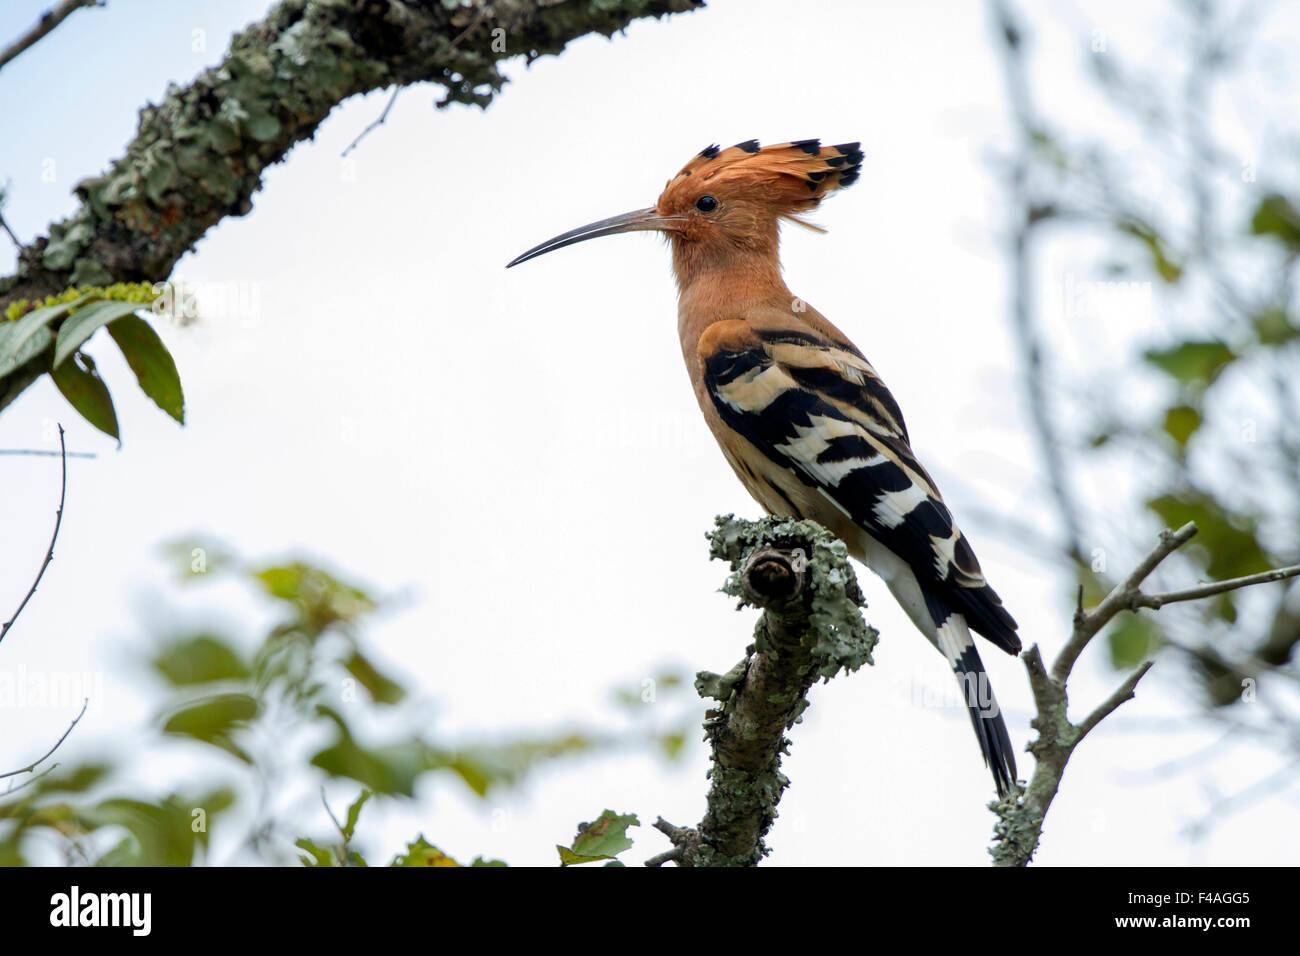 Bemerkenswert Mein Minigartchen ~ Der wiedehopf upupa epops hudhud ist ein bunter vogel